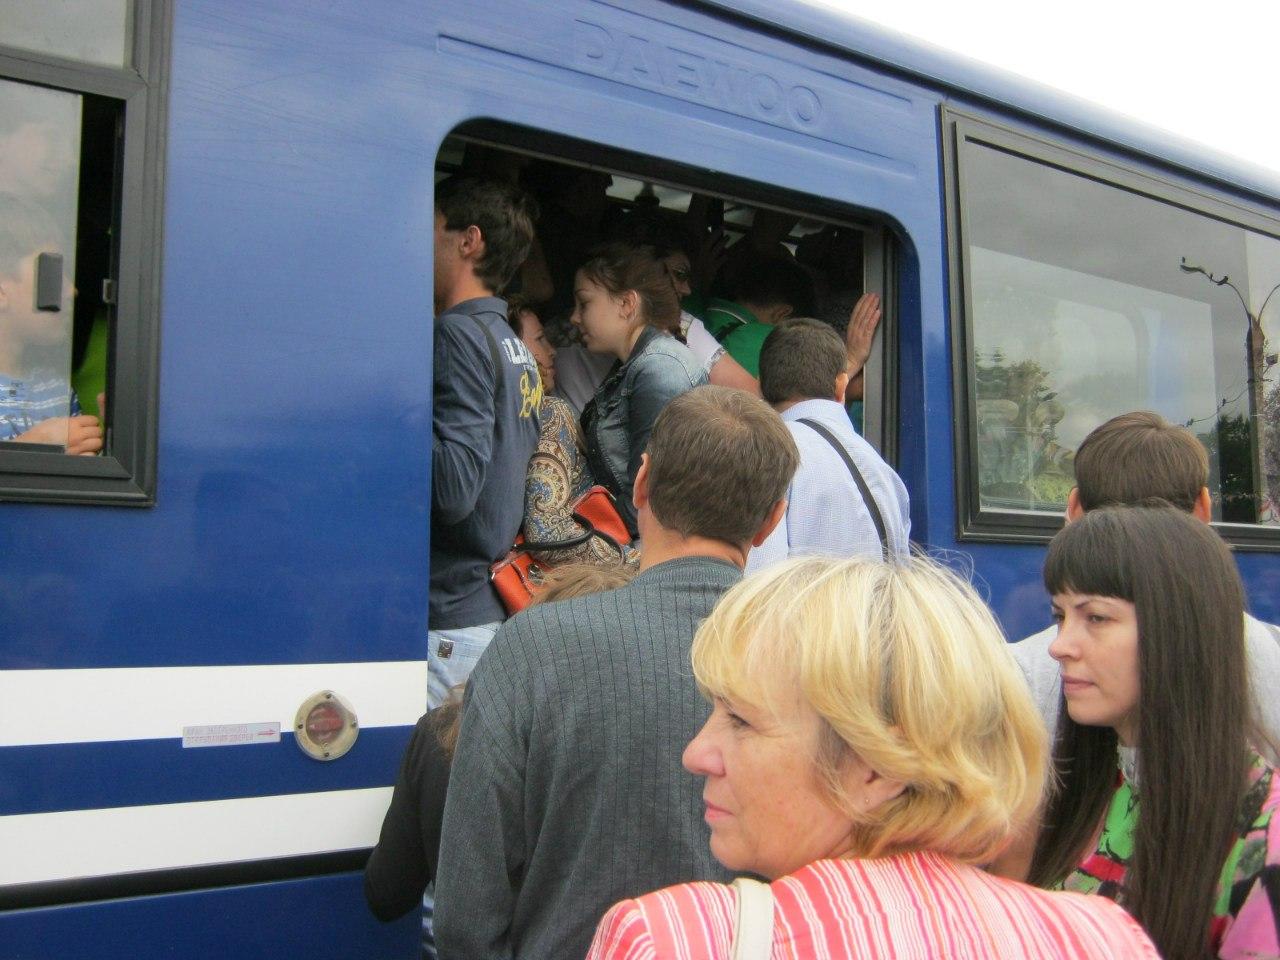 Трется членом в общественном транспорте и нагло задирает